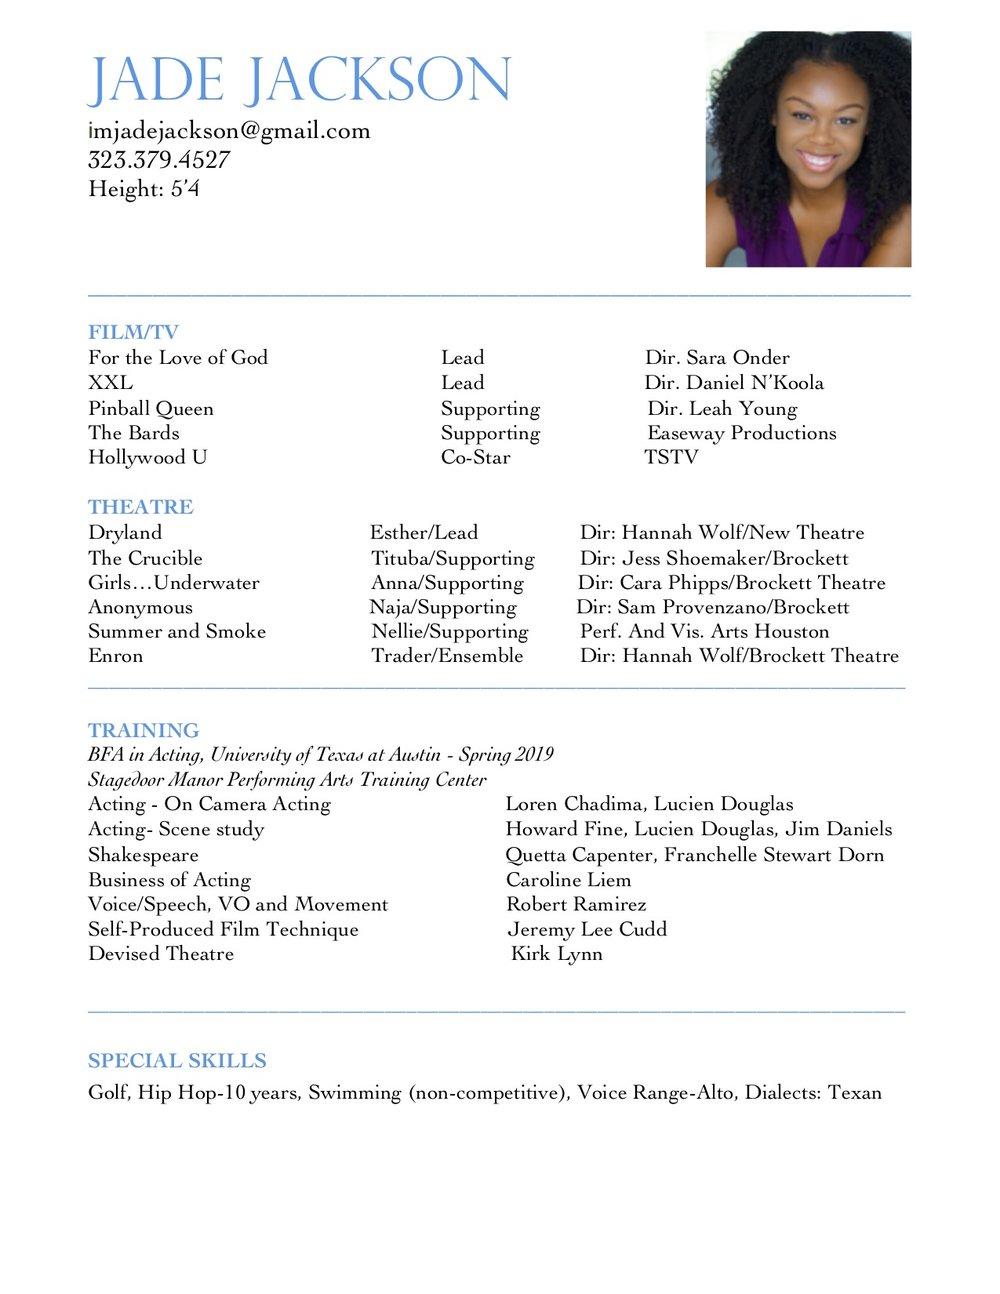 Jade Resume.jpg